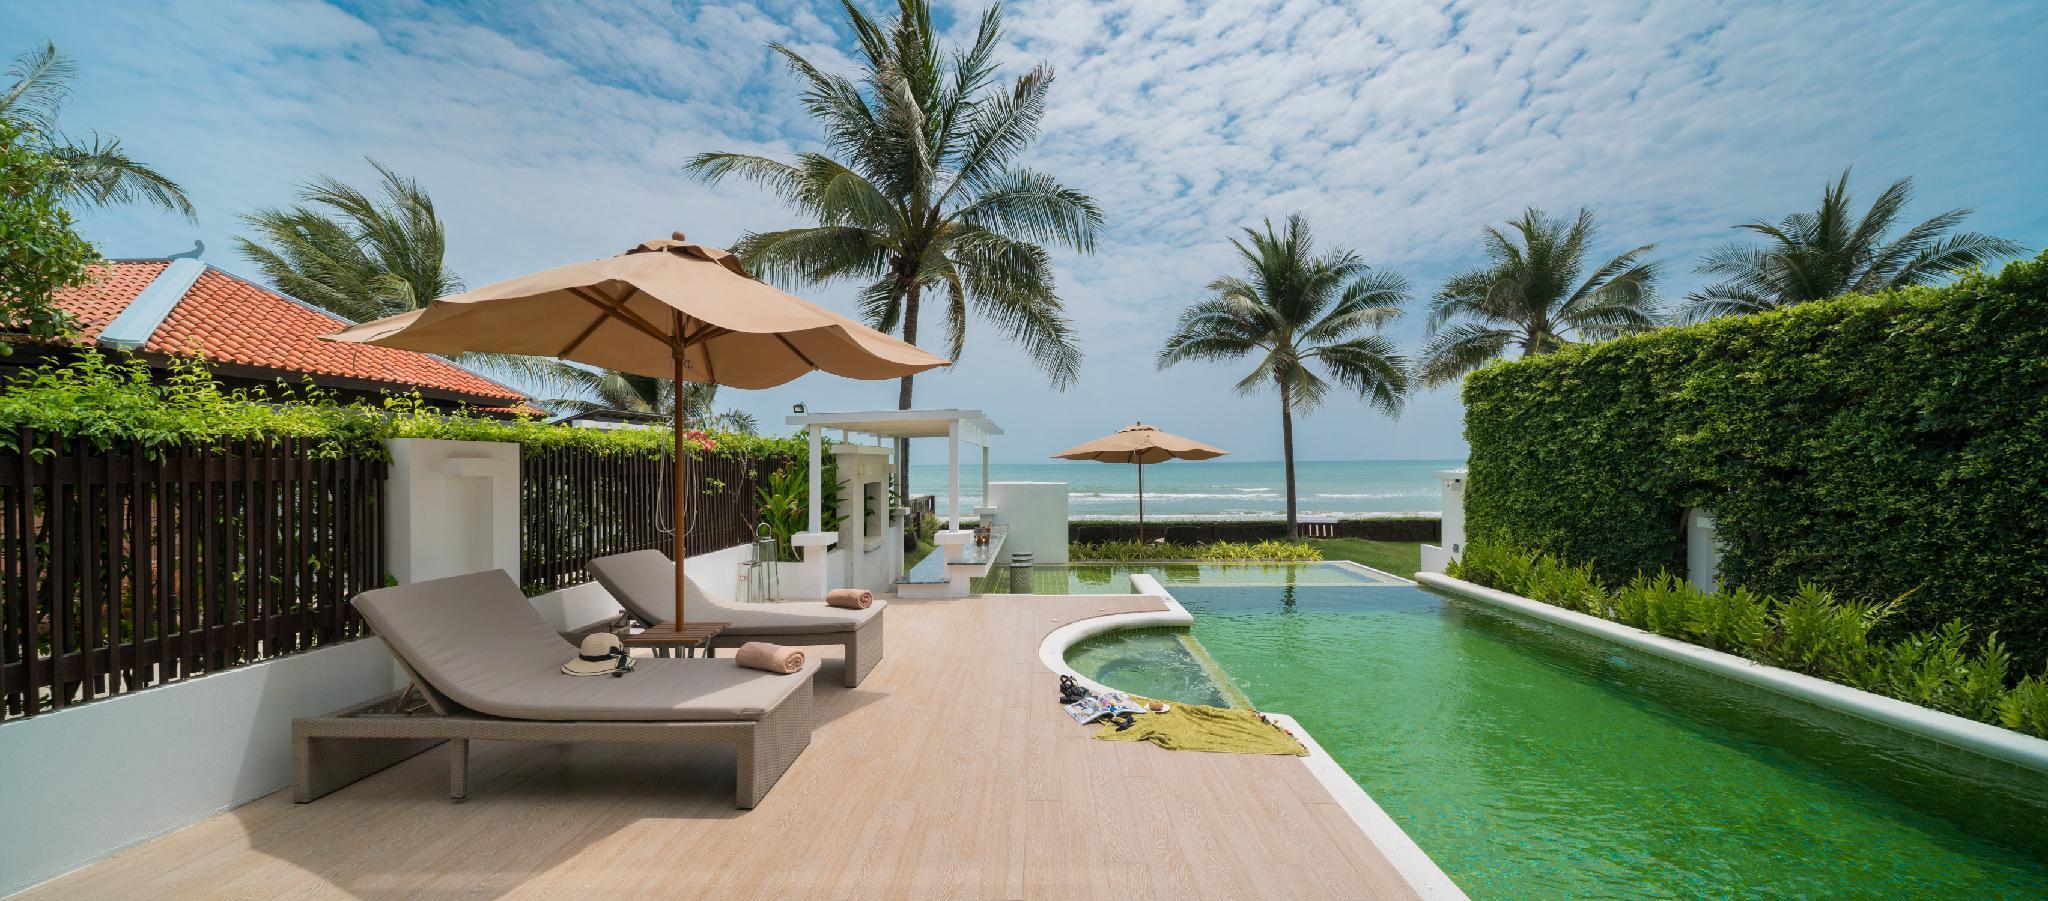 Stunning 8 Bedroom Beachfront Villa Combo